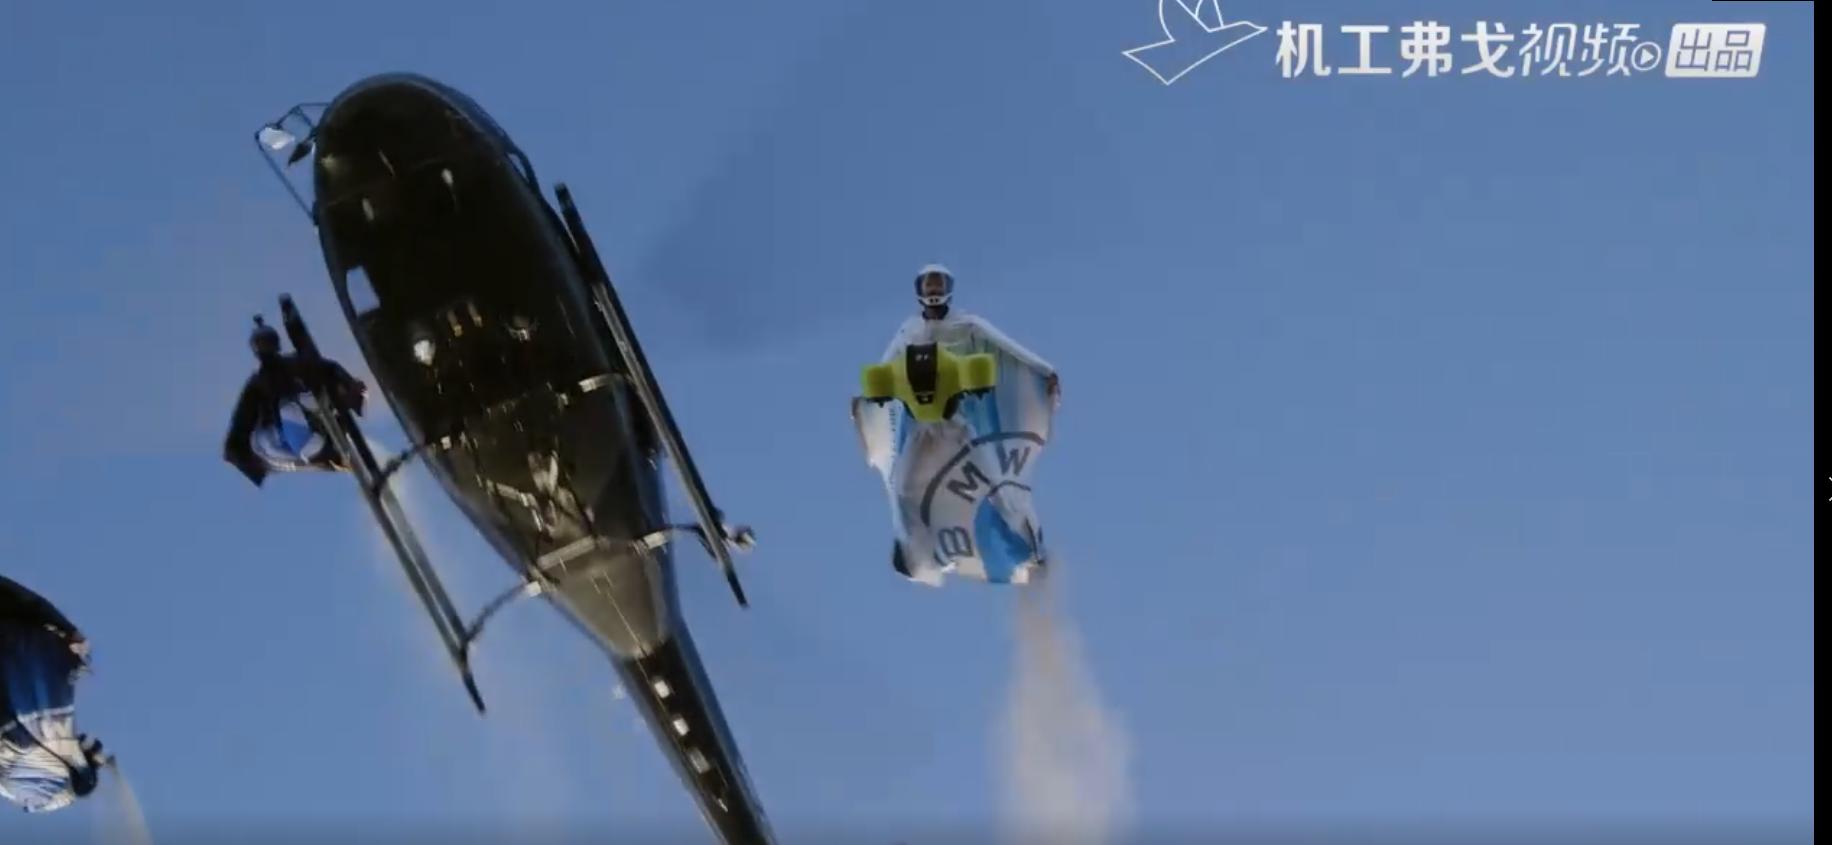 【弗戈工业趣闻】宝马推出世界上第一款电动滑翔服